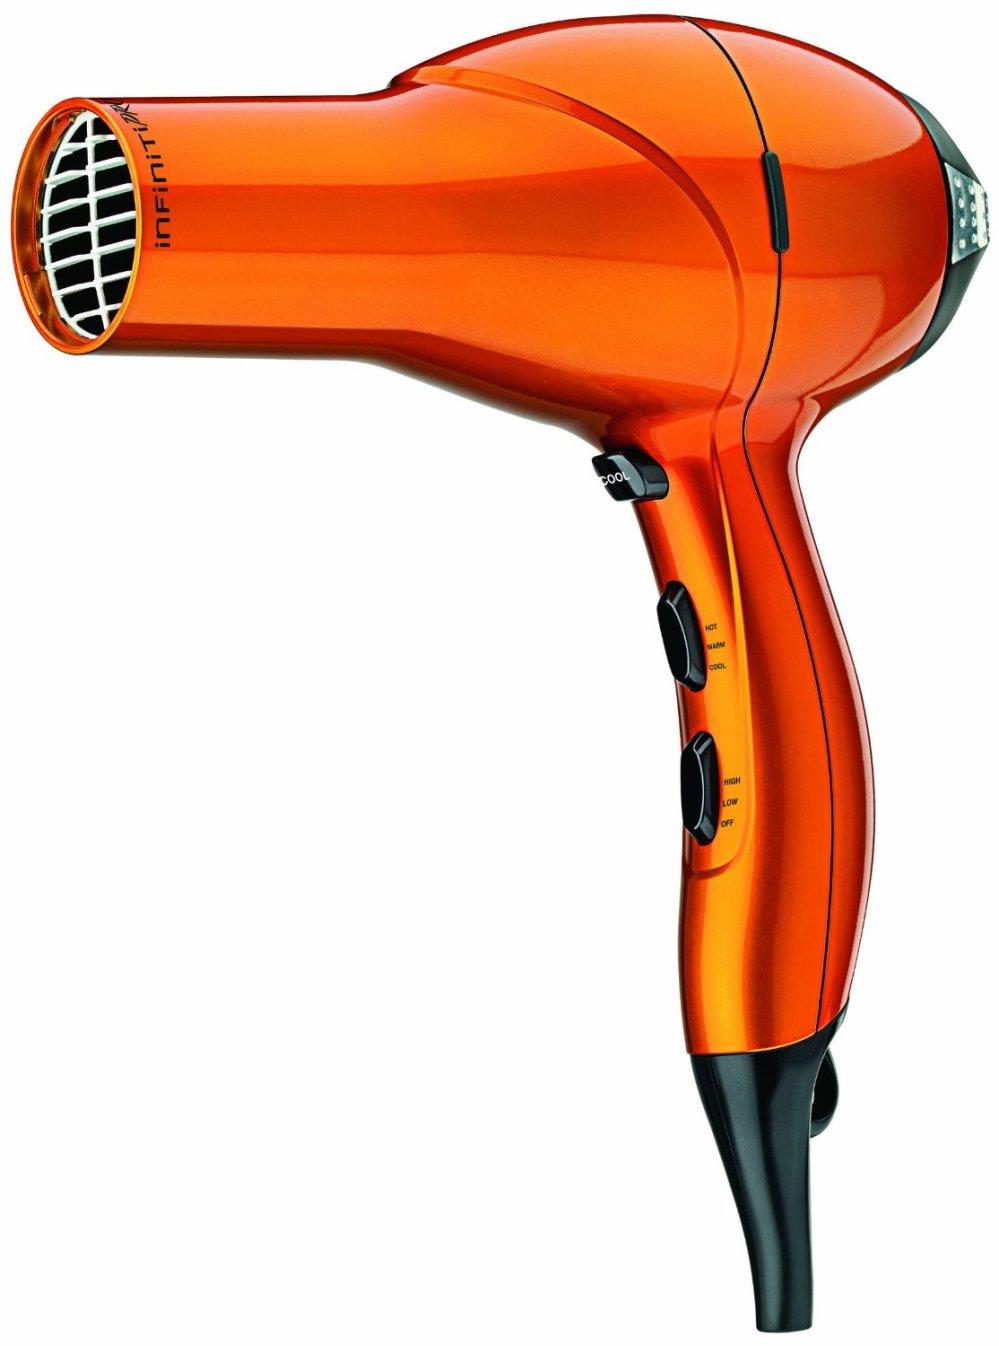 medium resolution of hair dryer clip art